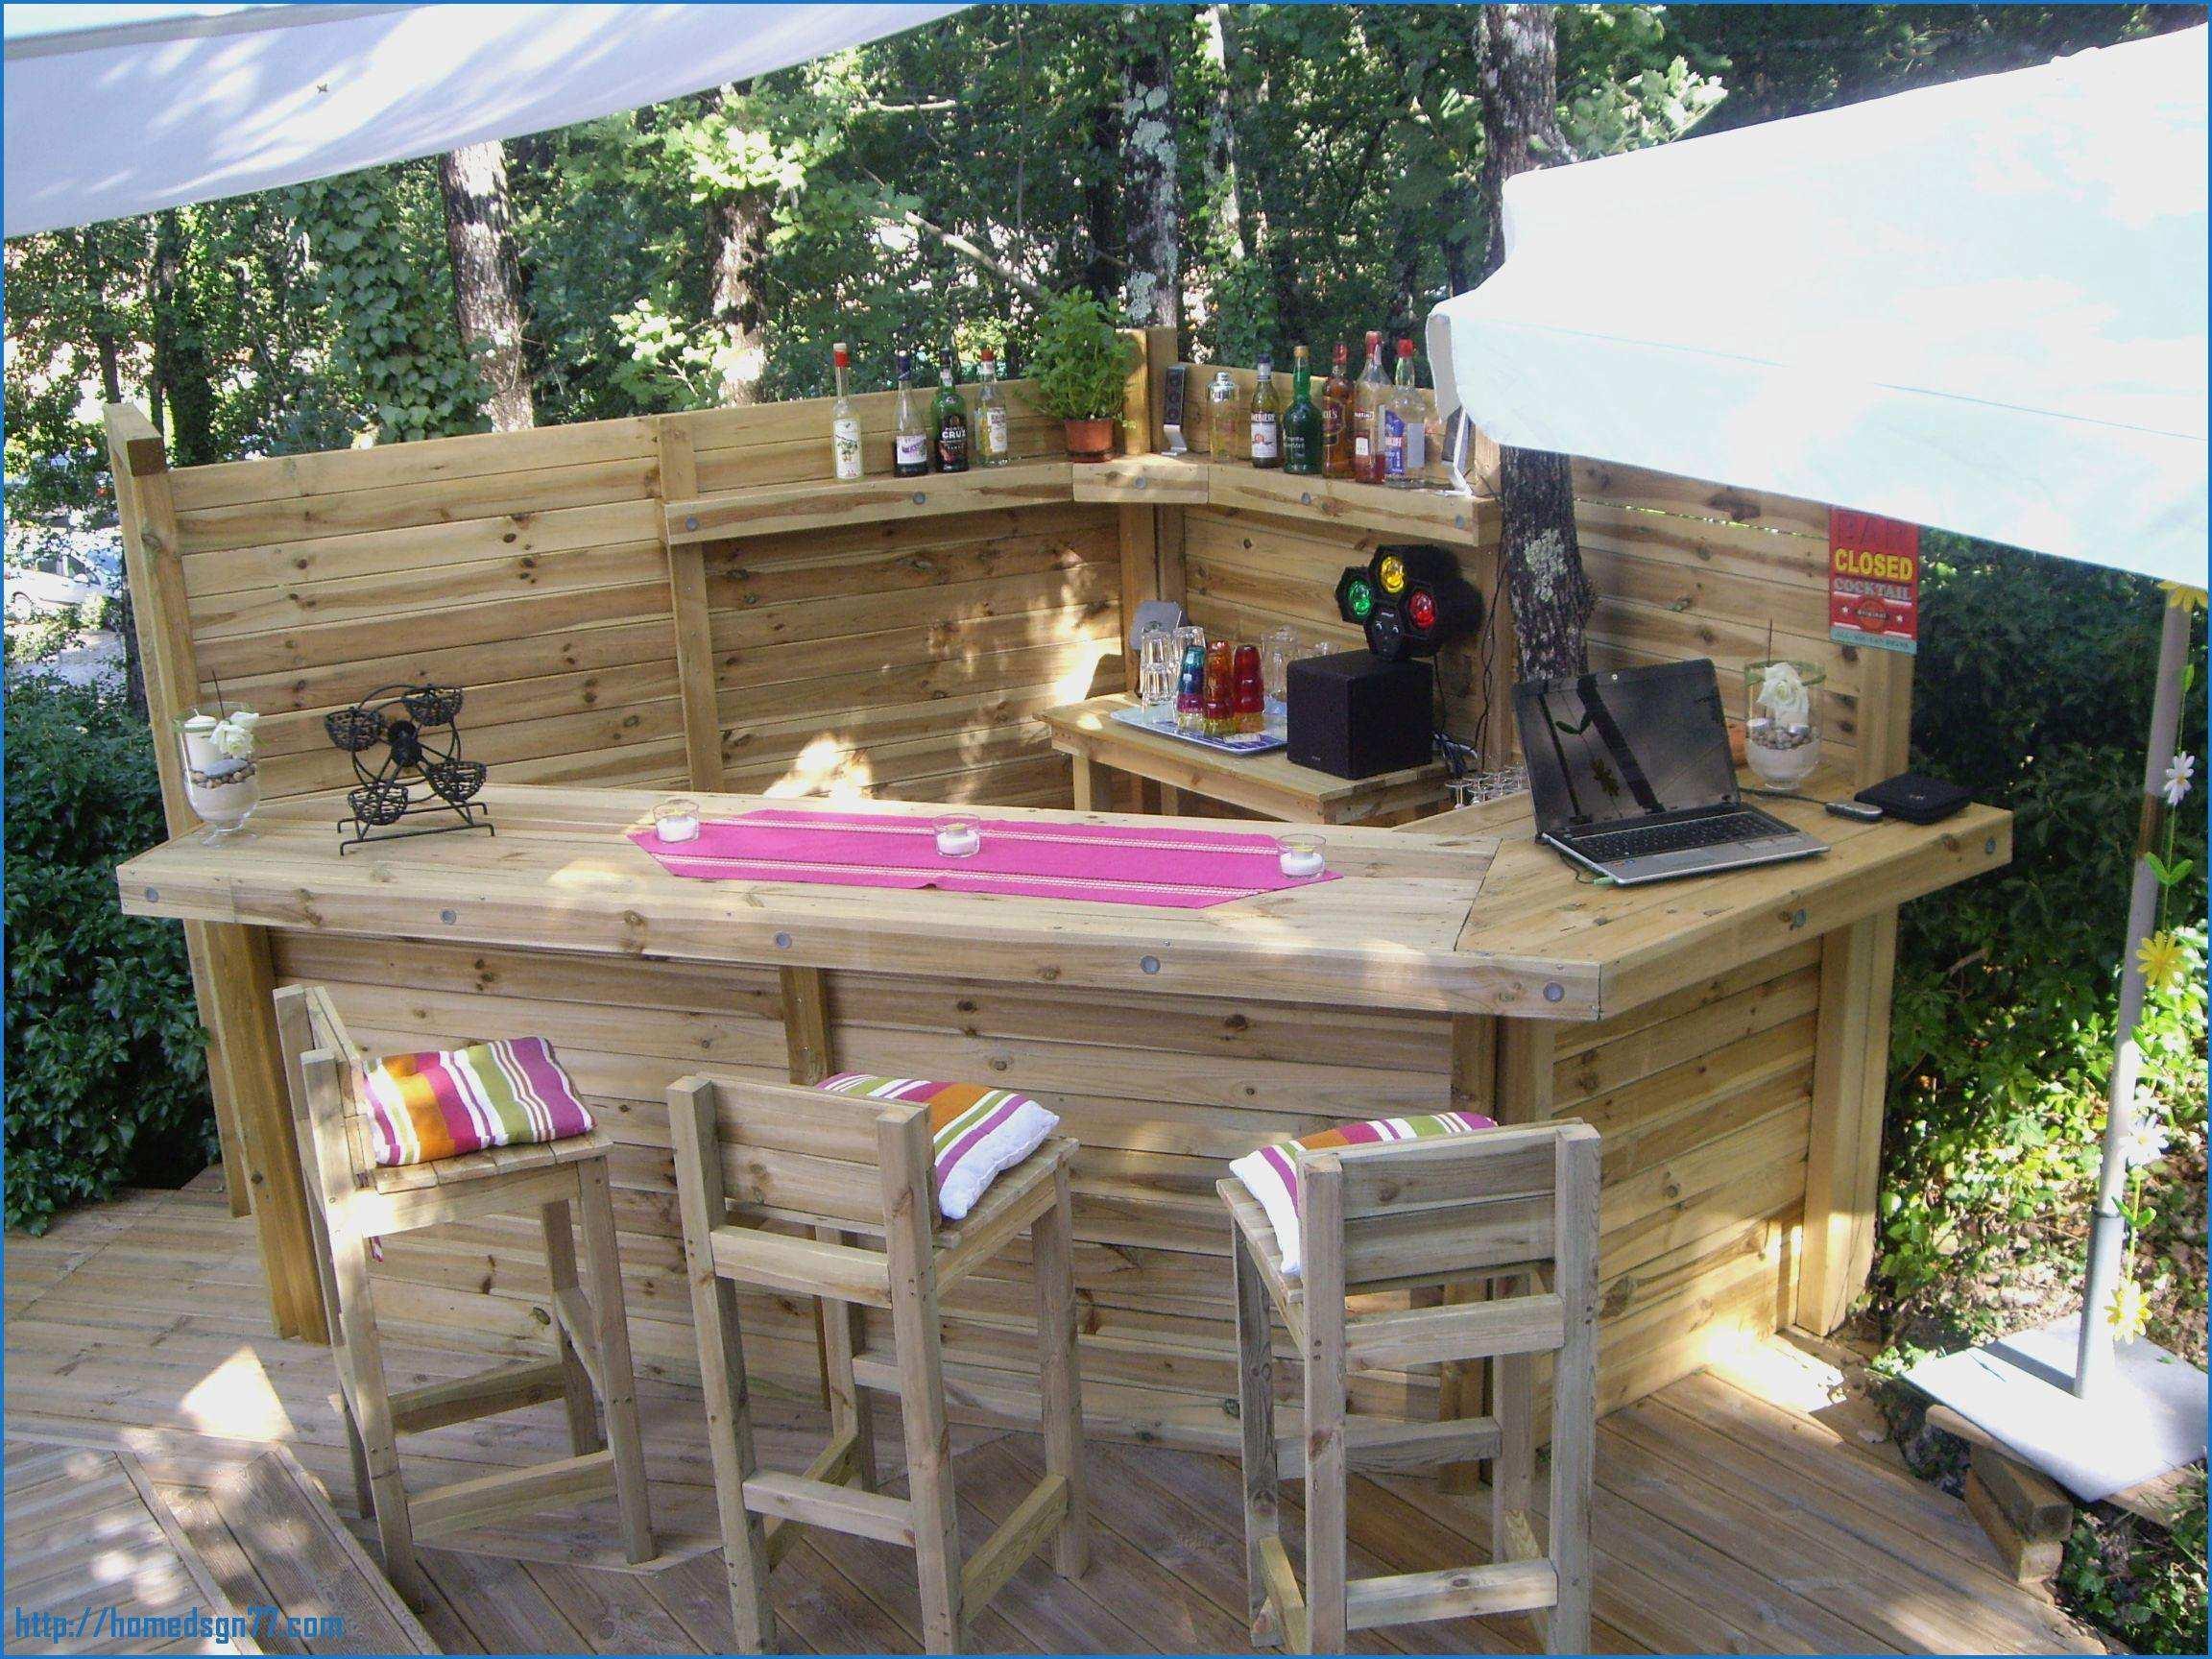 Salon de jardin bar exterieur - Mailleraye.fr jardin